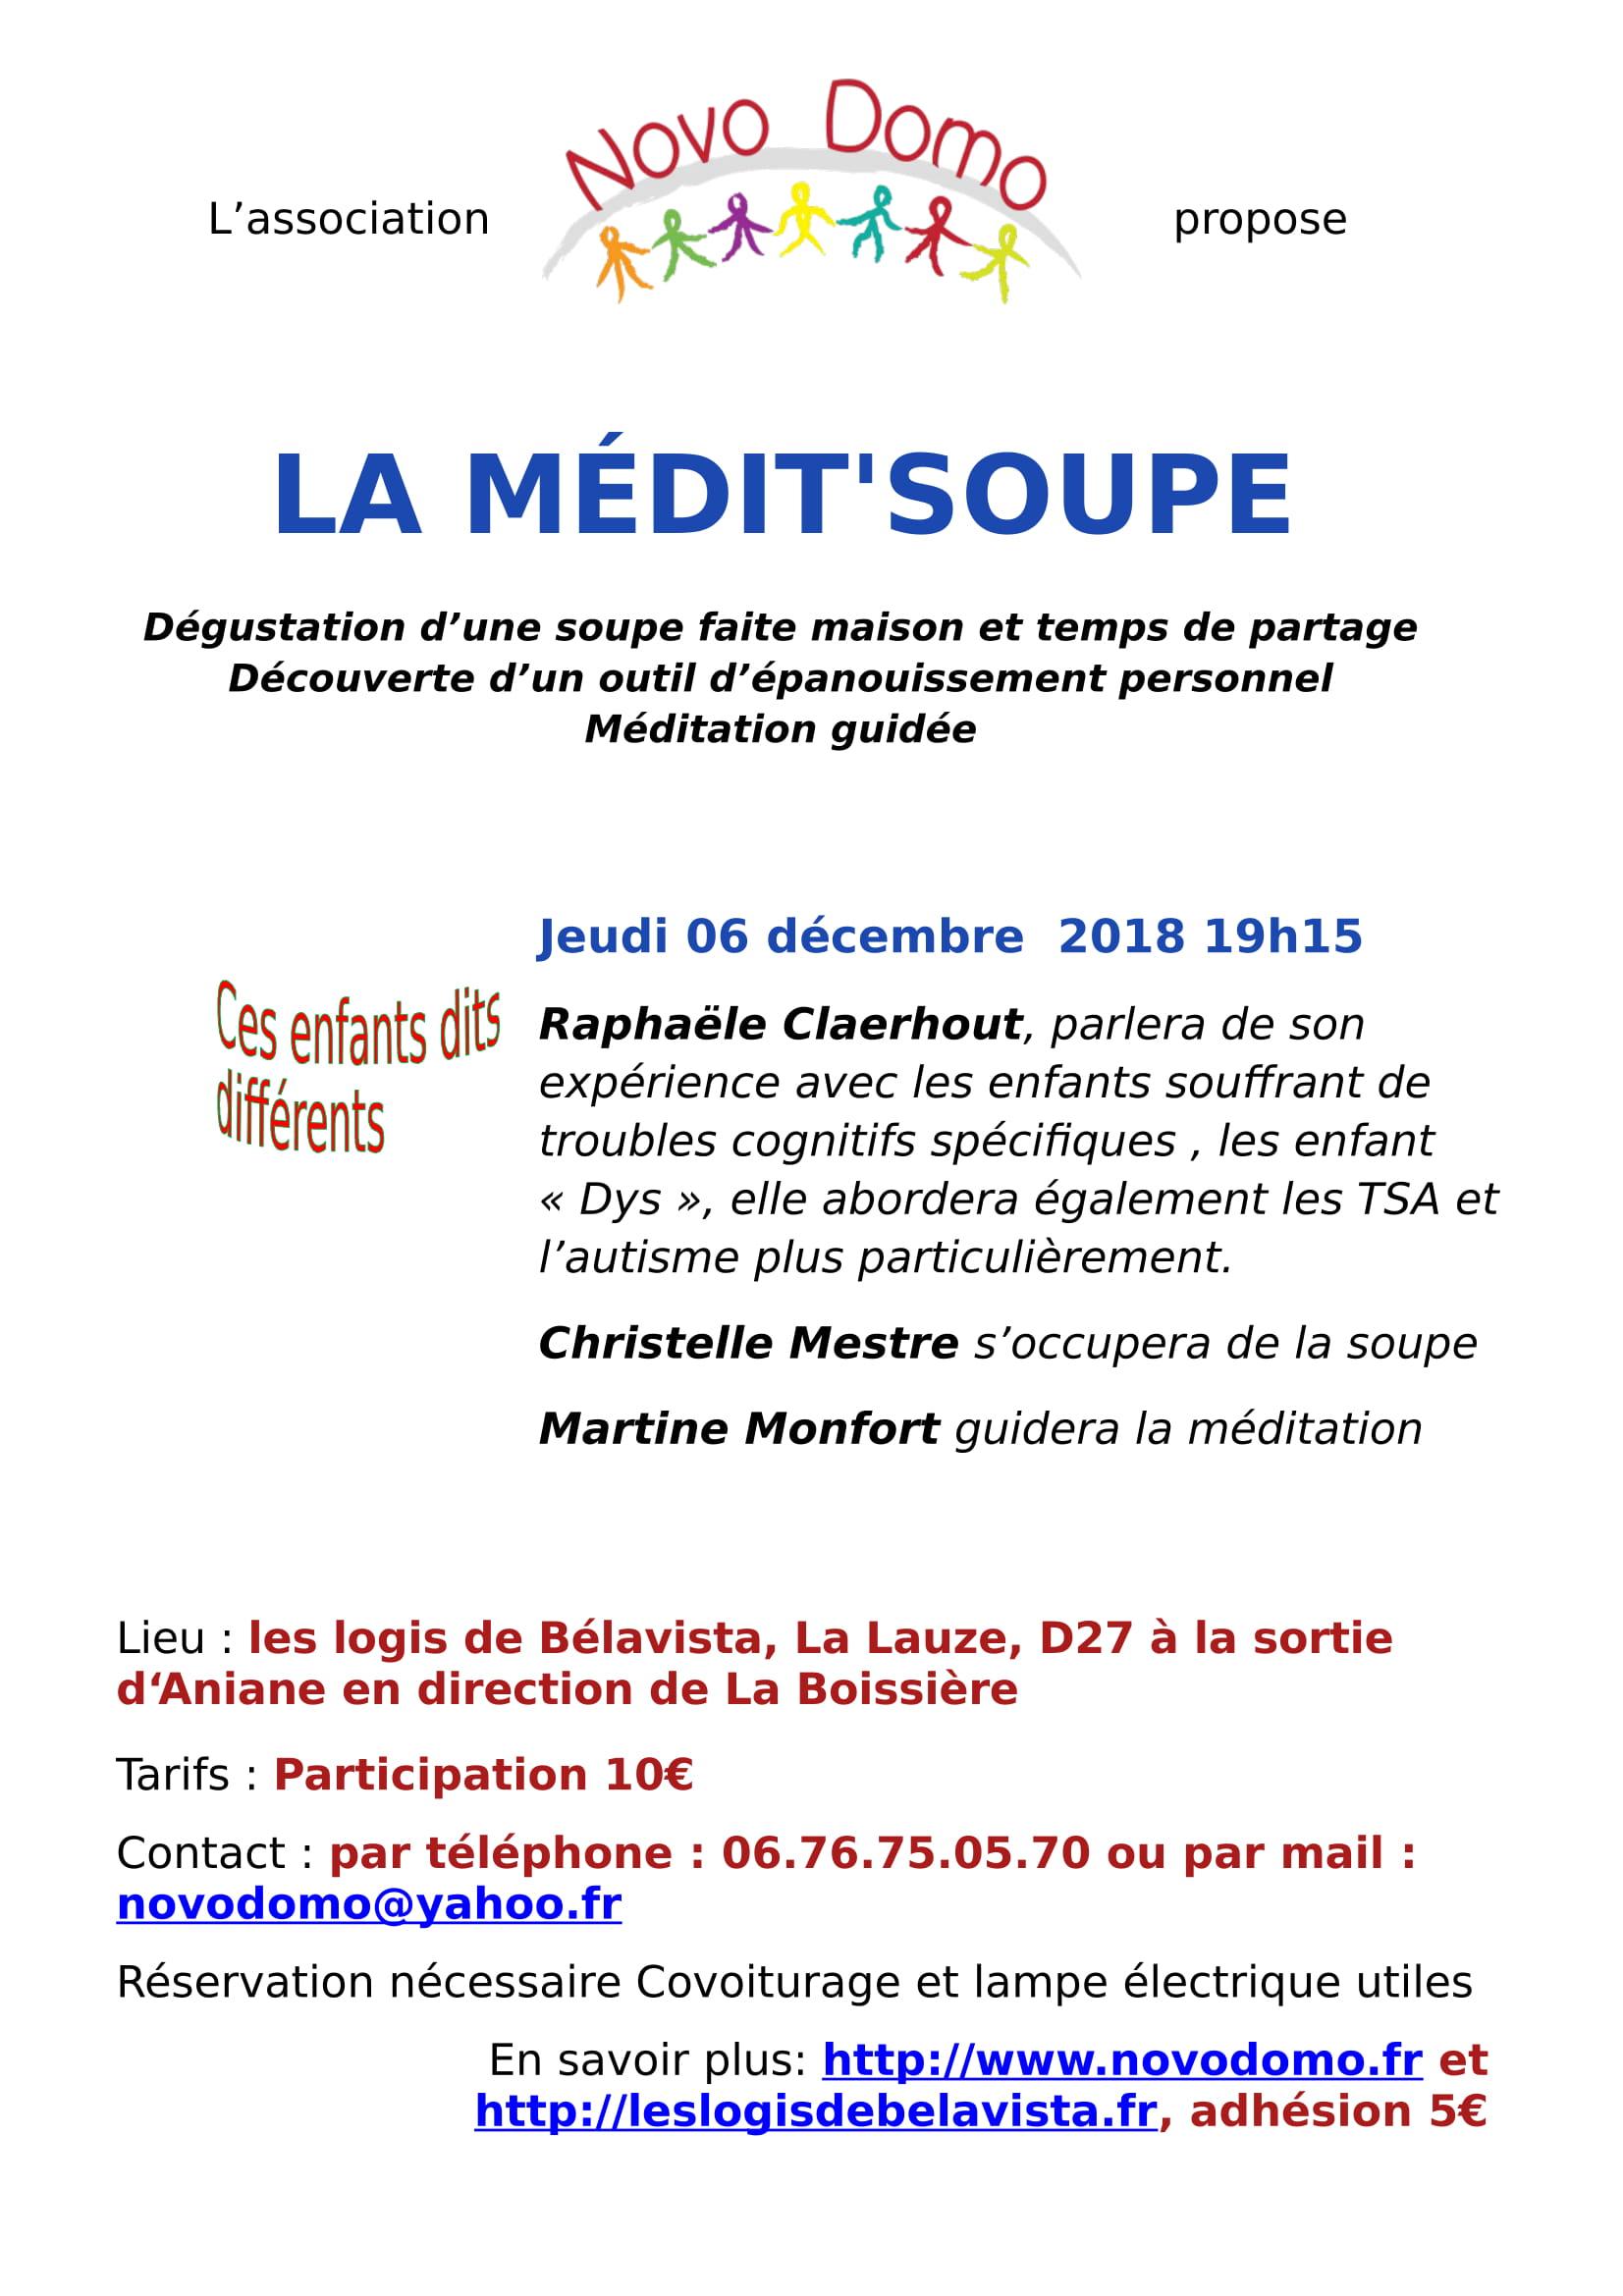 médit soupe 06 décembre 2018-1